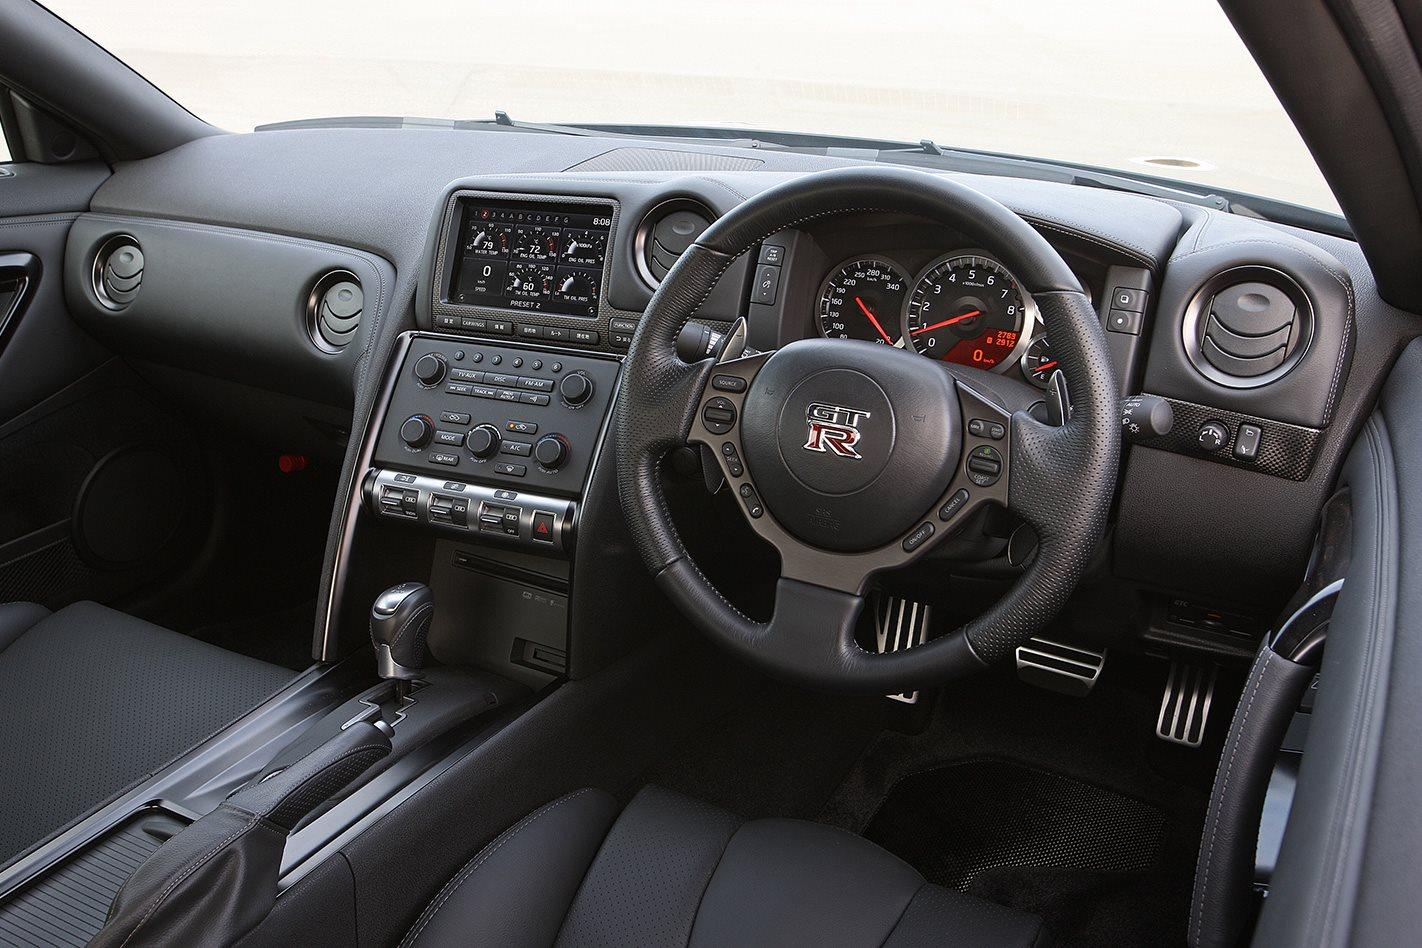 Nissan R35 GT-R Spec-V interior